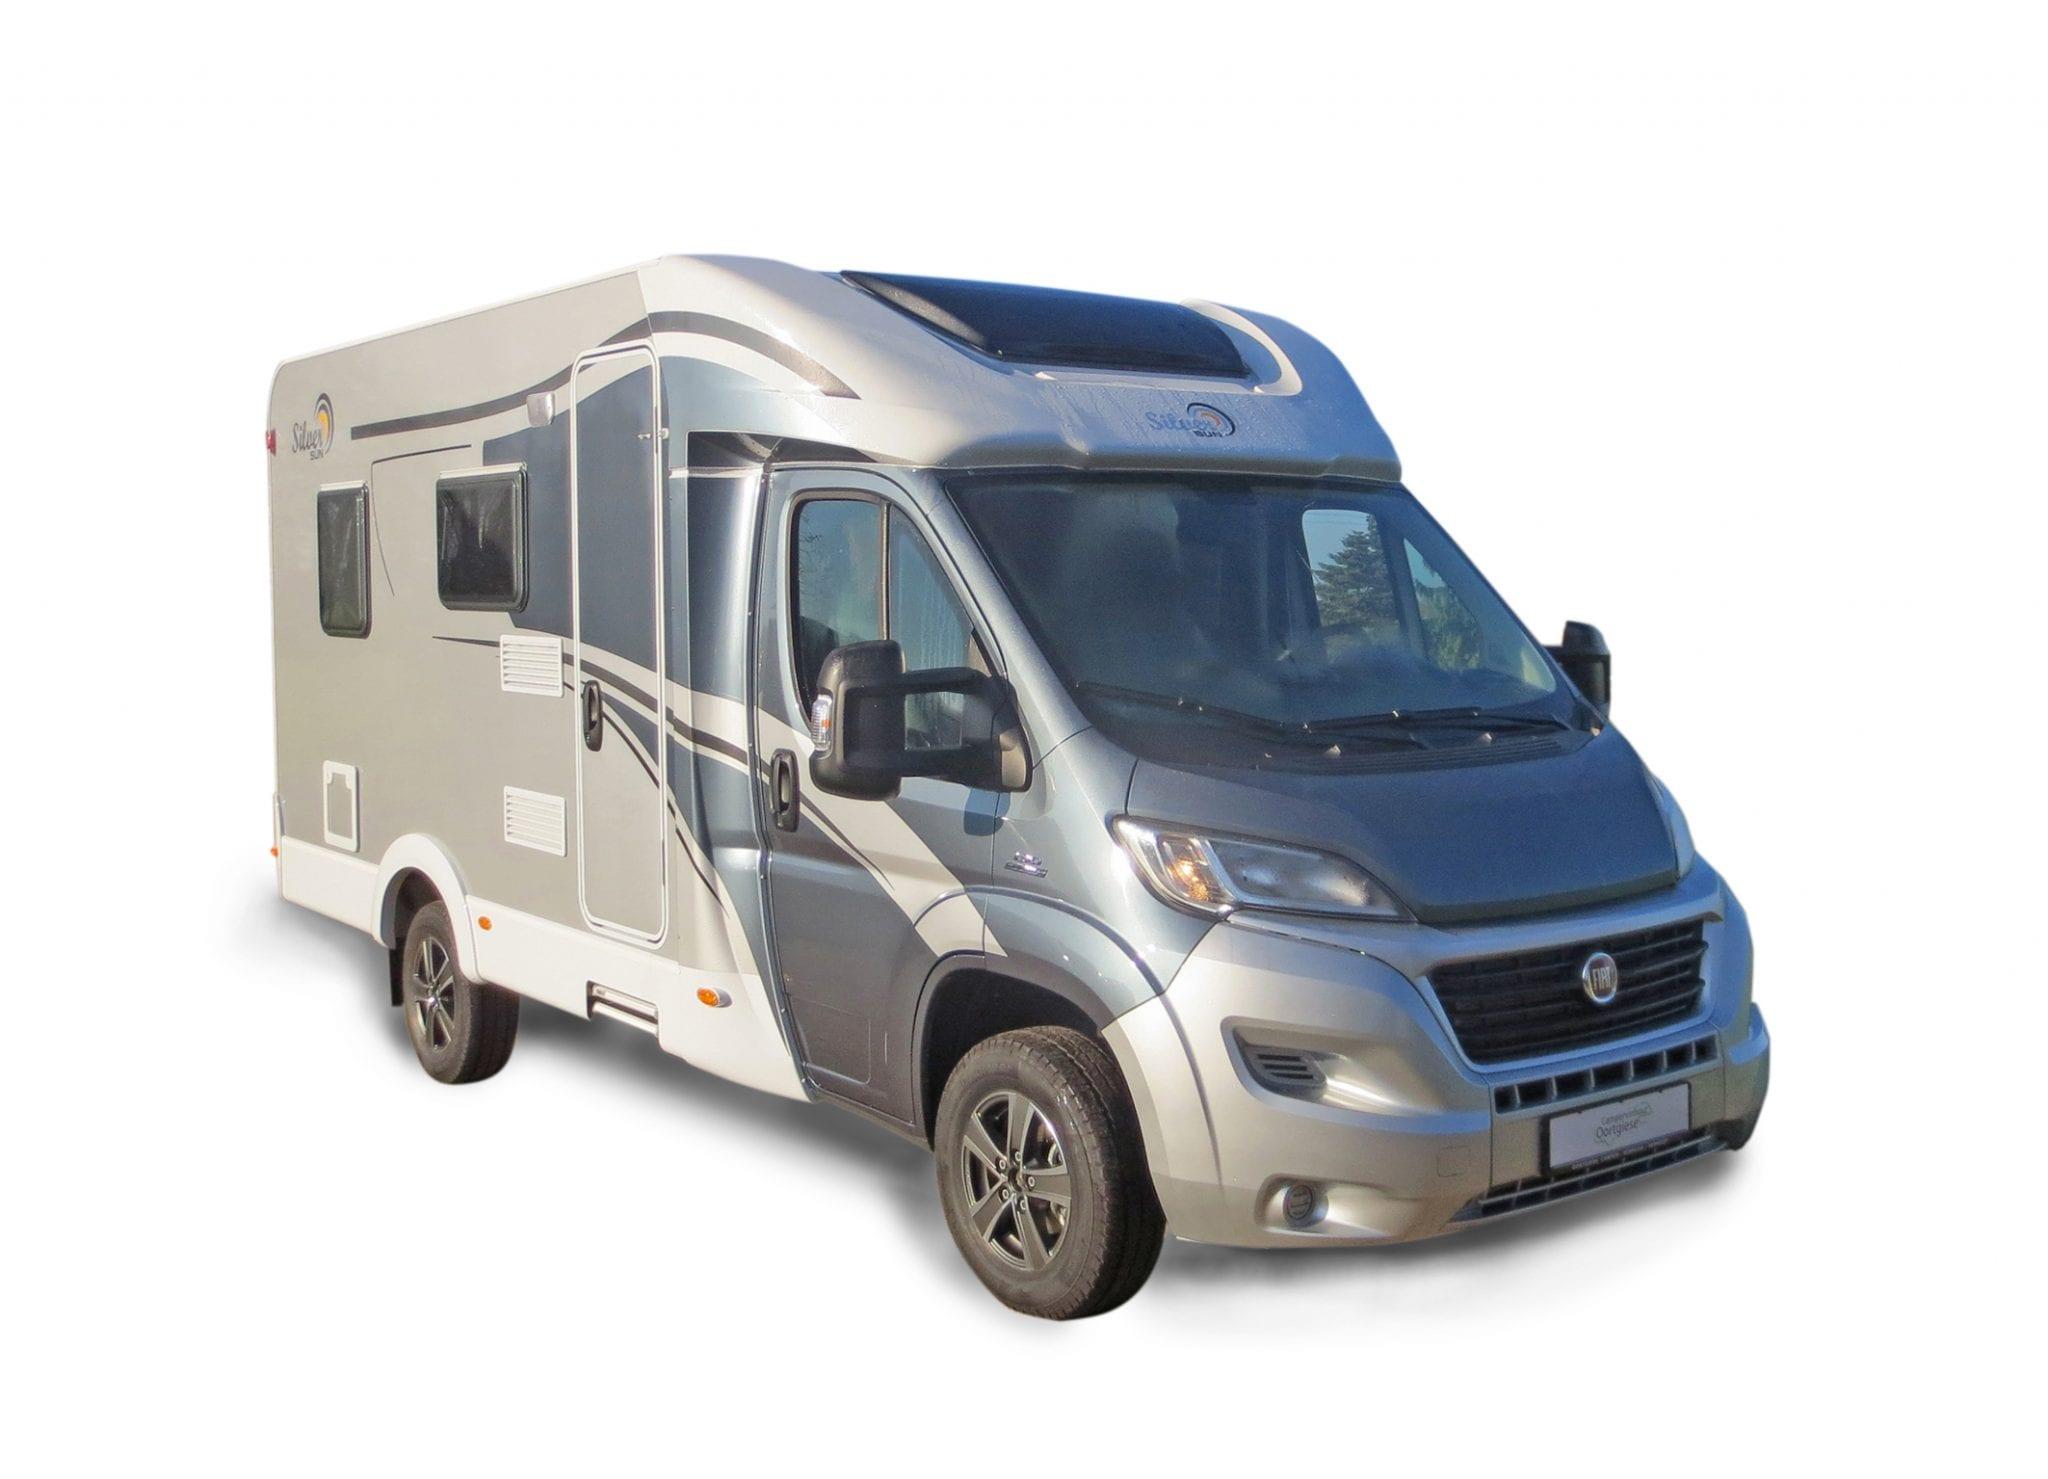 Badkamer Achterin Caravan : Camper huren nederland